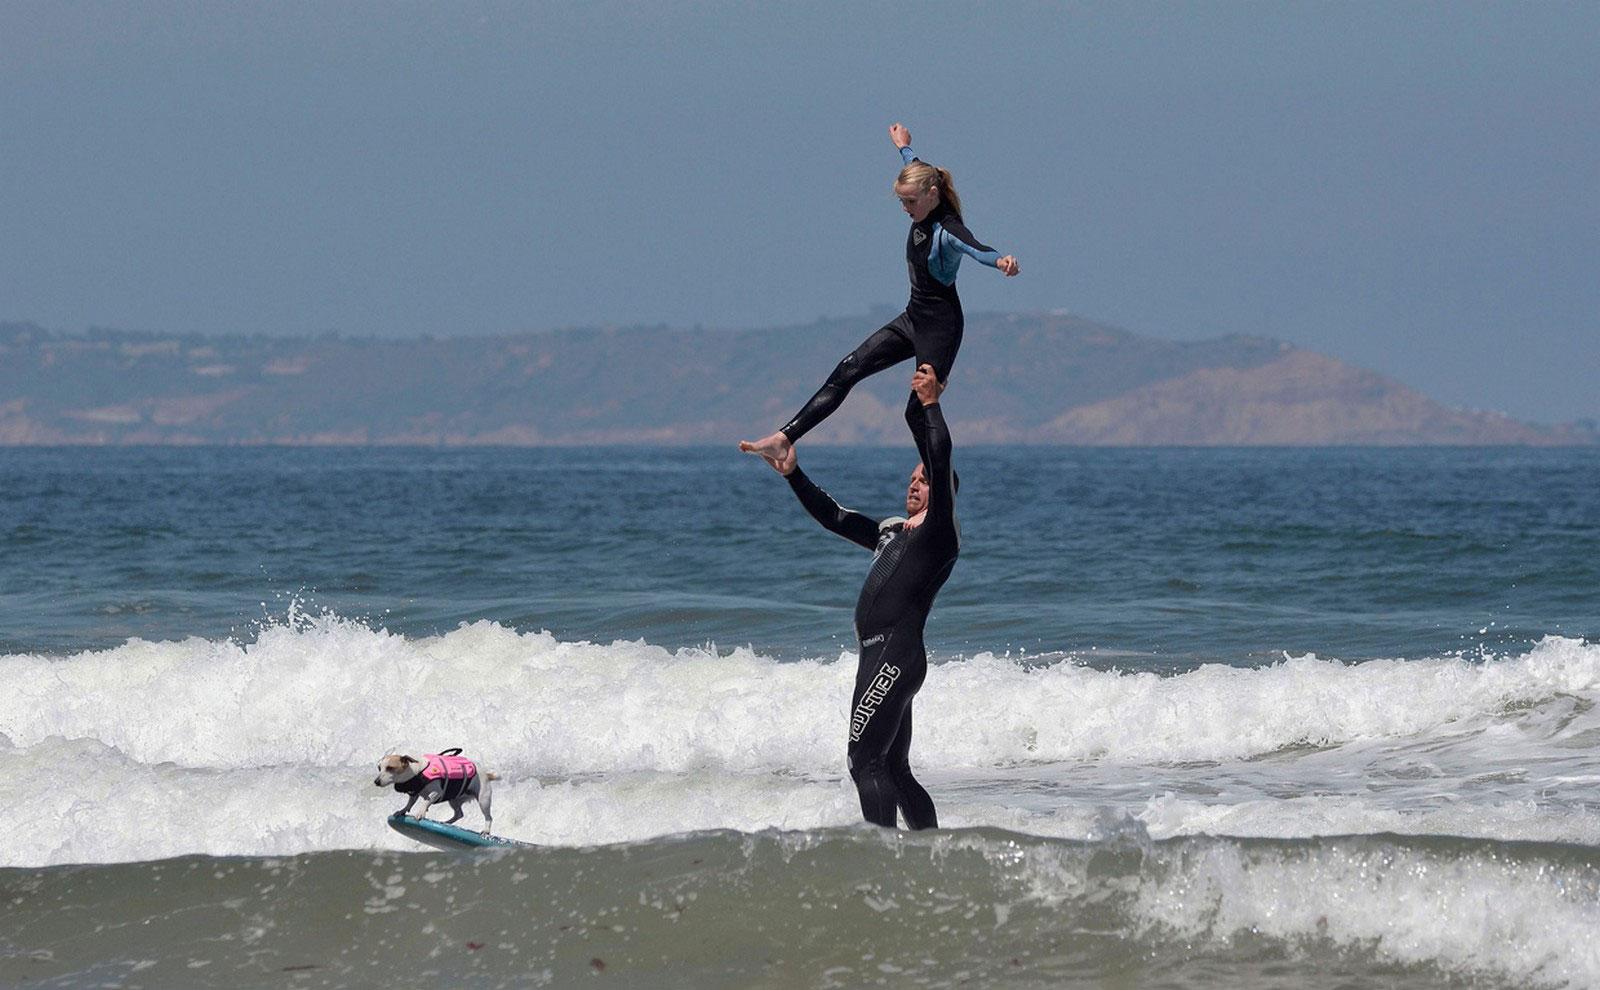 отец с дочерью на волнах